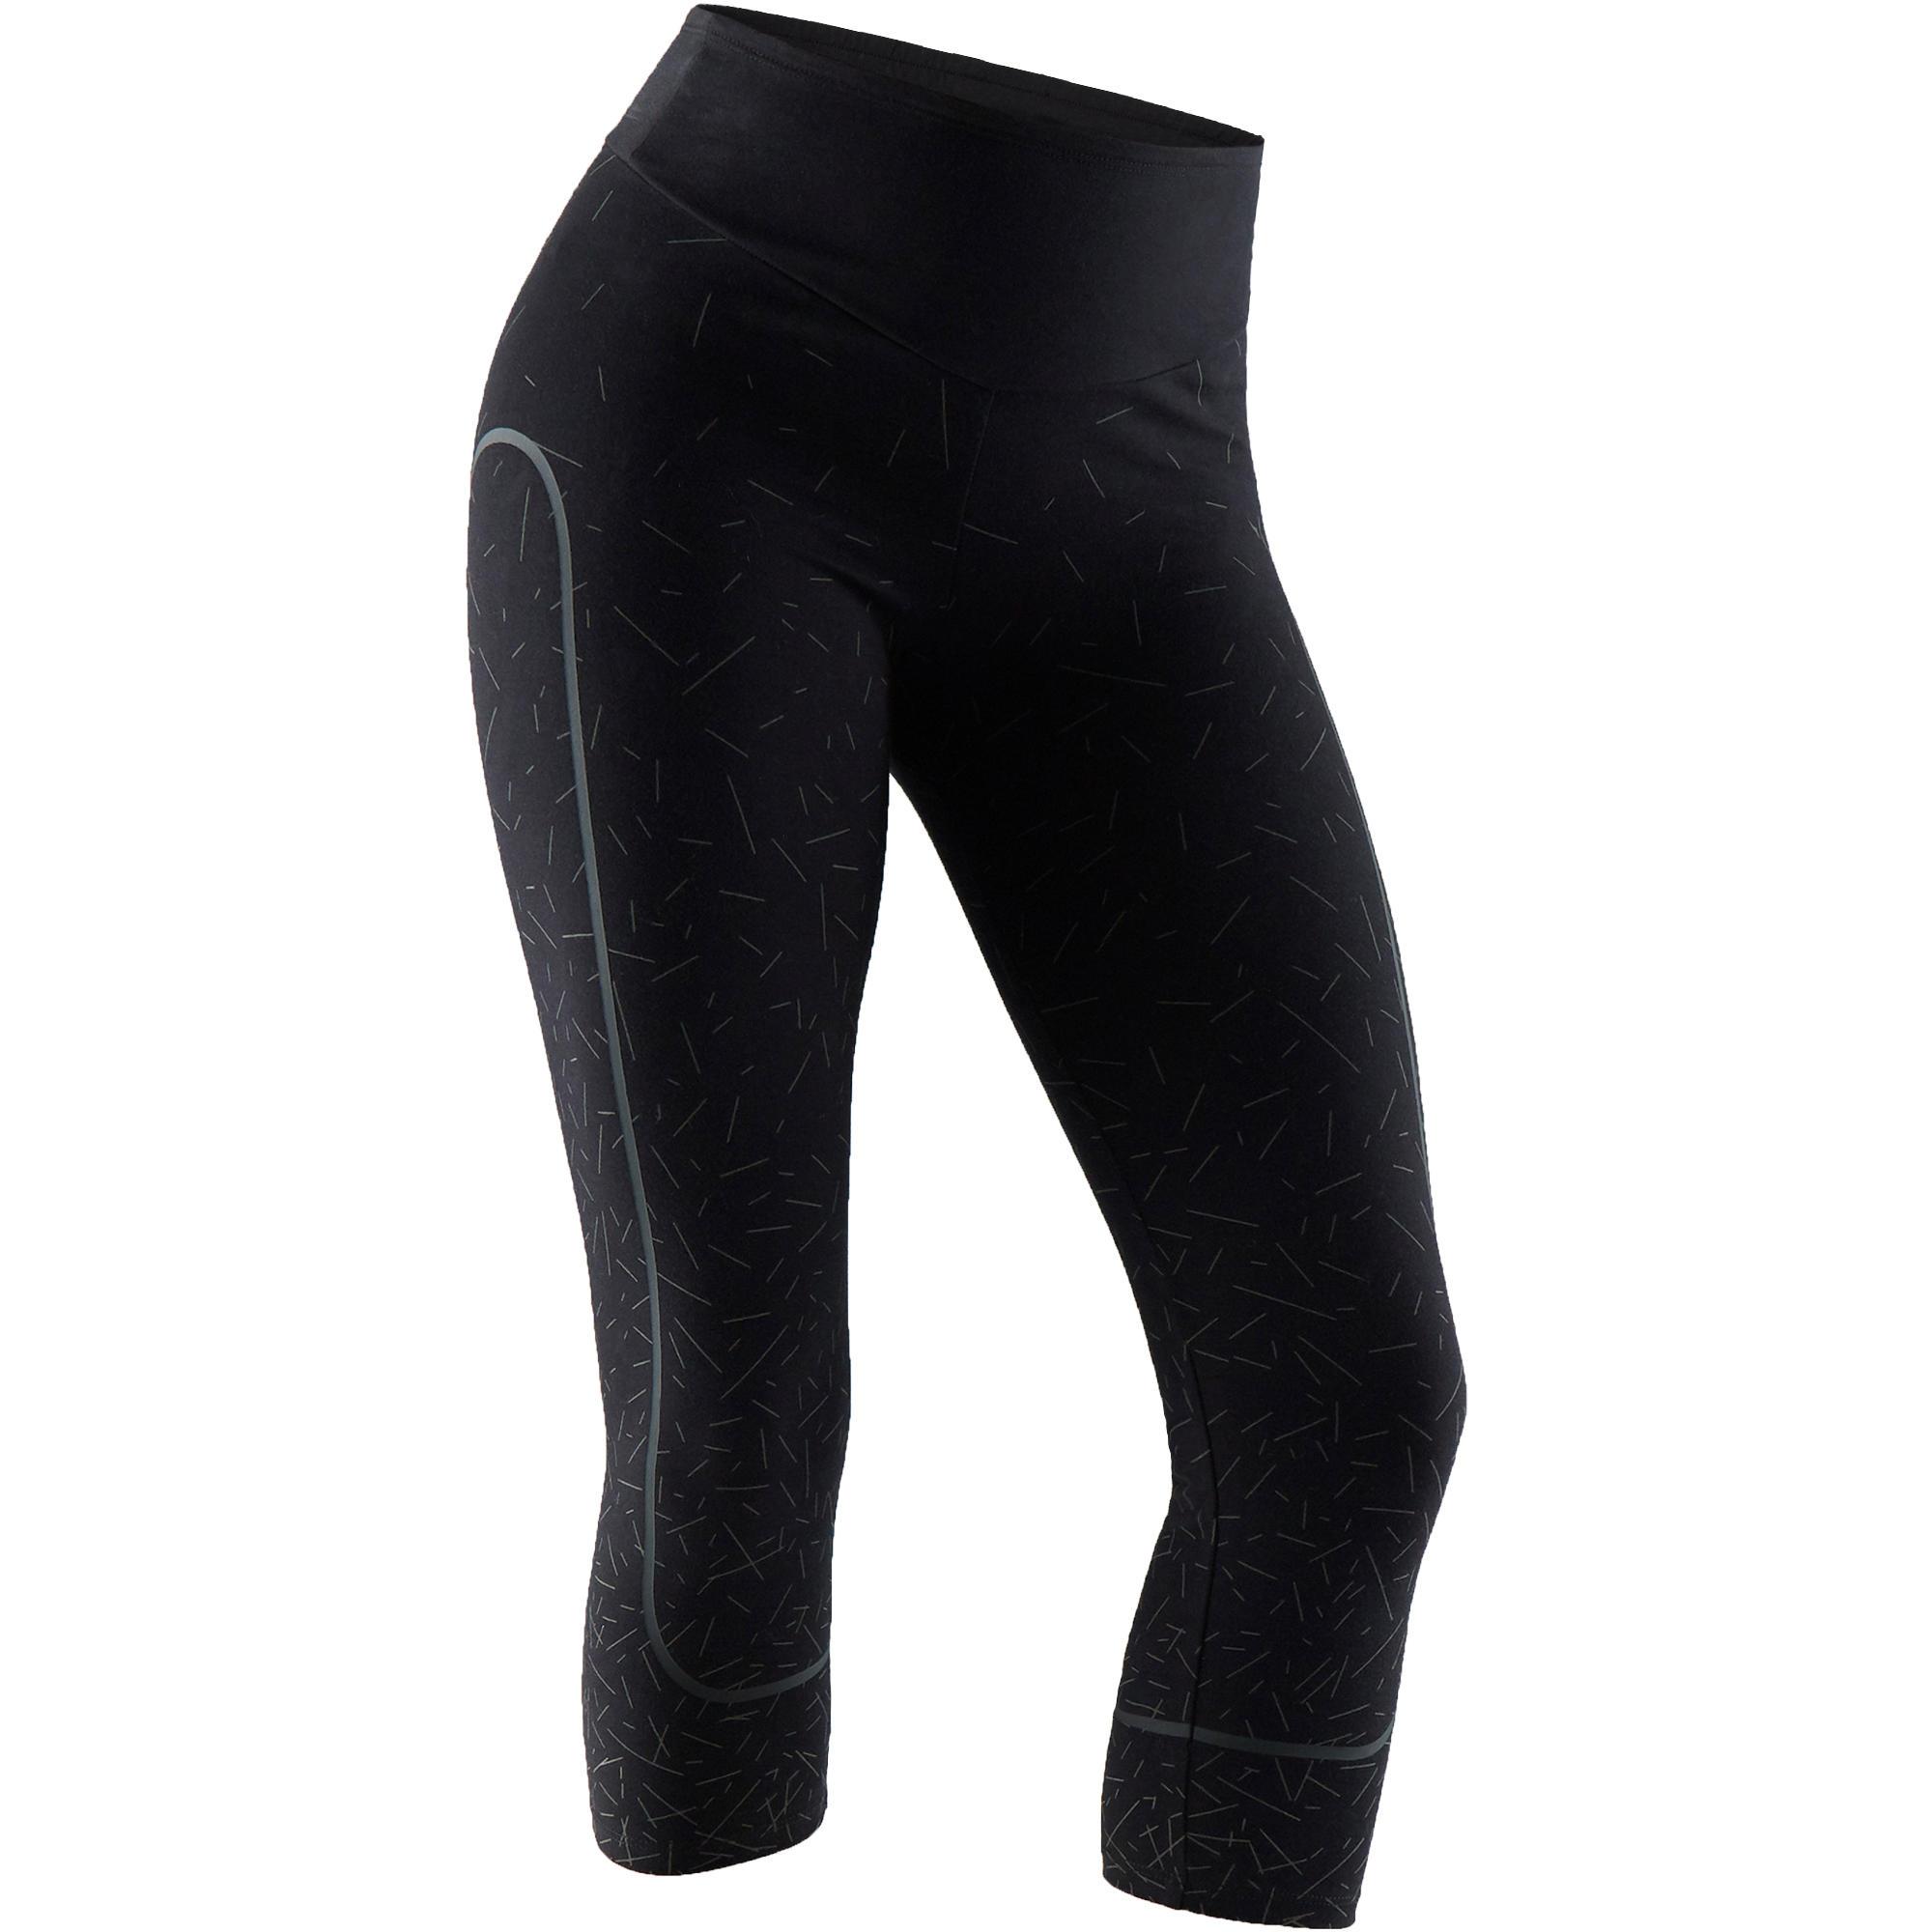 7/8-Hose 560 Slim Pilates sanfte Gymnastik Damen schwarz/kupferfarben | Bekleidung > Hosen > 7/8-Hosen | Schwarz | Domyos